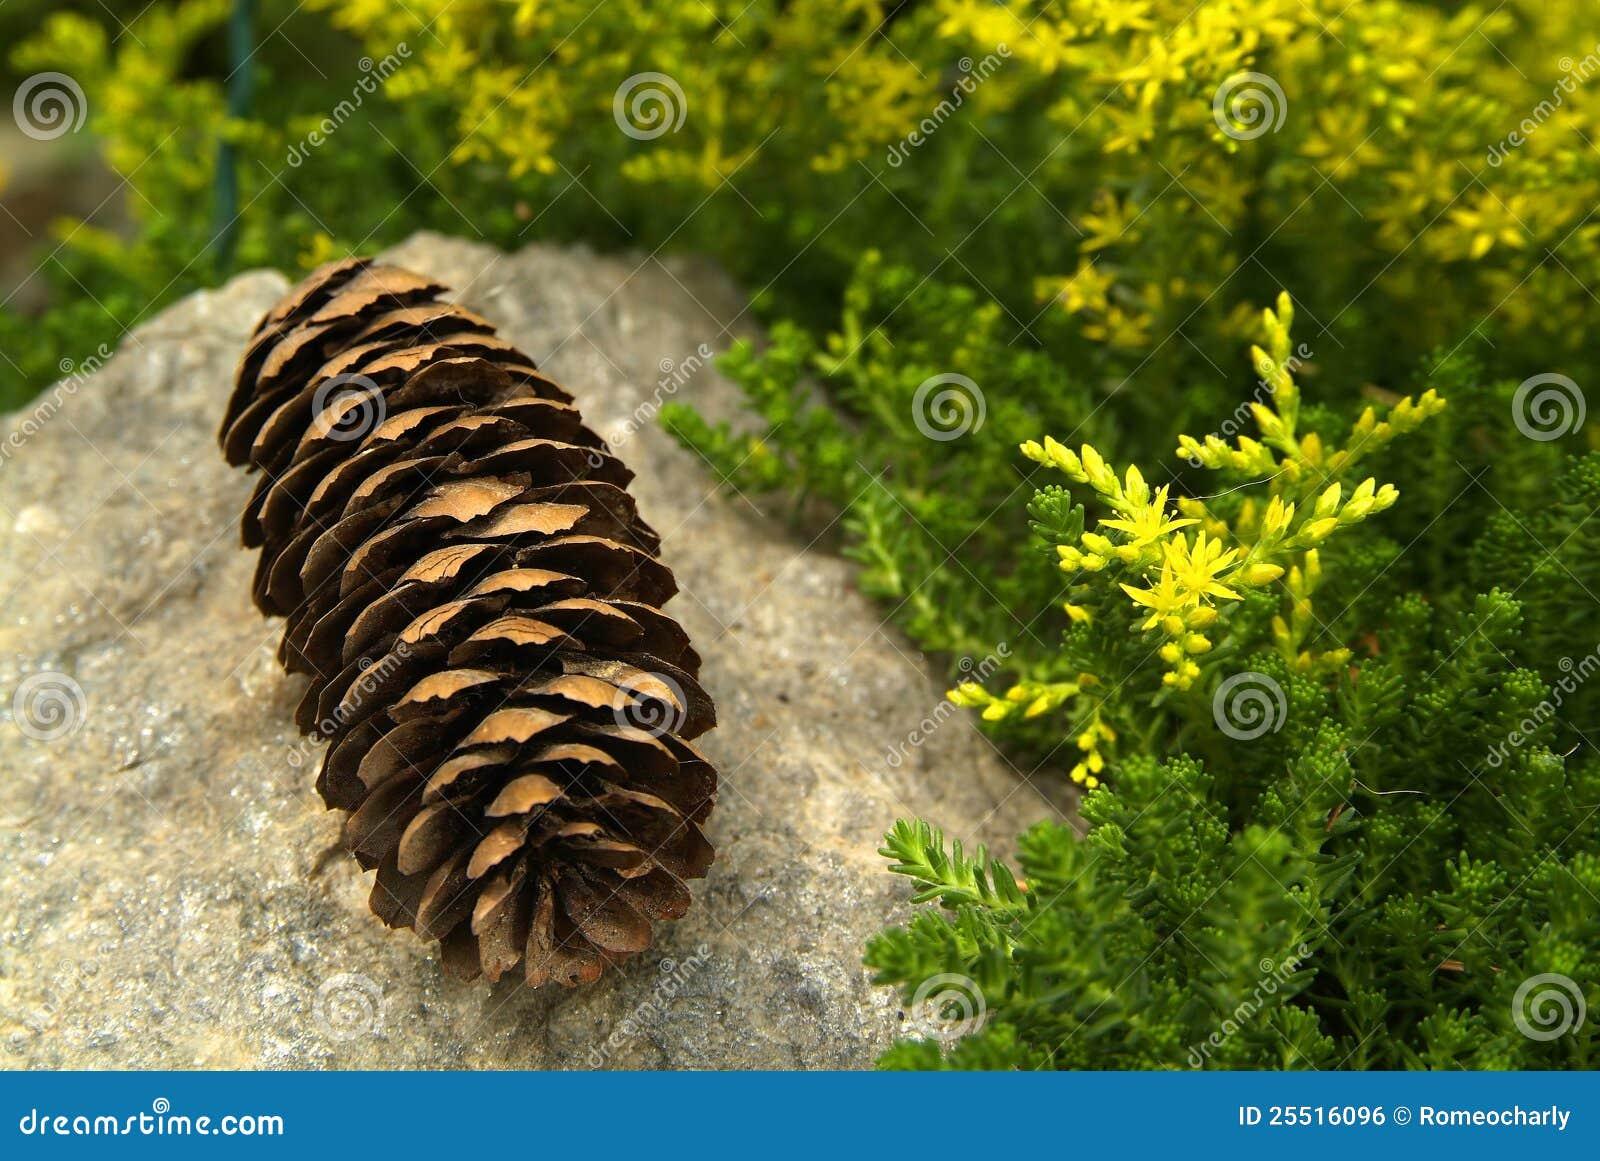 Coni e fiori del pino